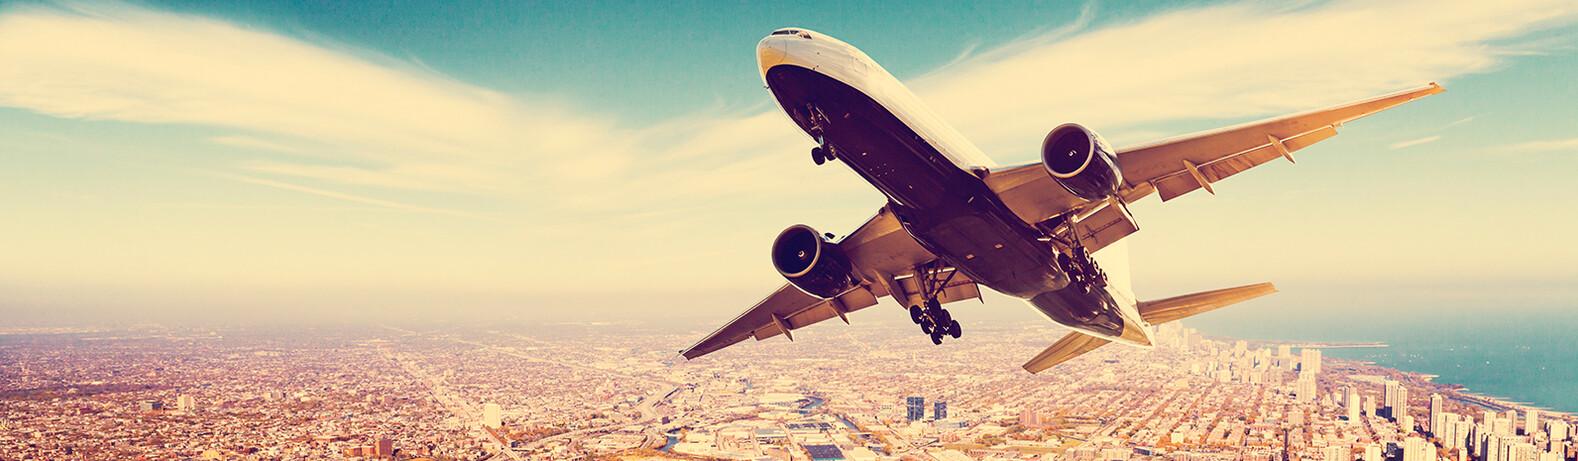 Europska putovanja zrakoplovom